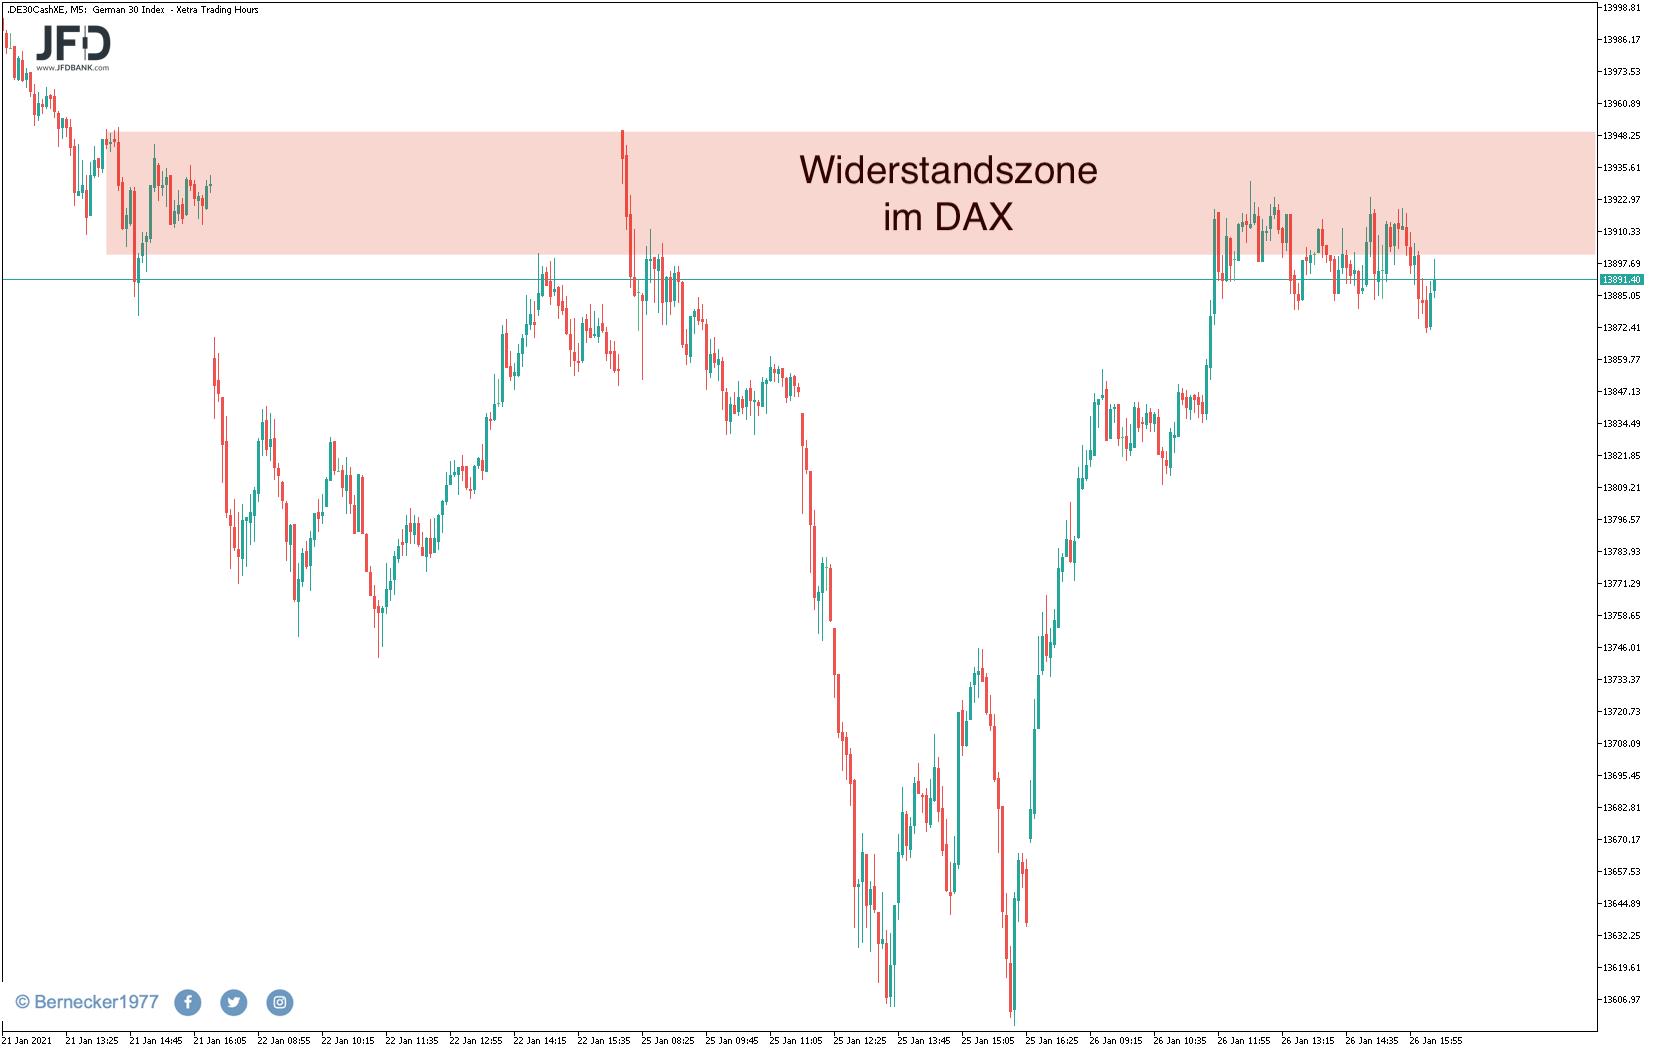 Rücklauf-im-DAX-zum-Wochenstart-Warten-auf-FED-Sitzung-Kommentar-JFD-Bank-GodmodeTrader.de-4